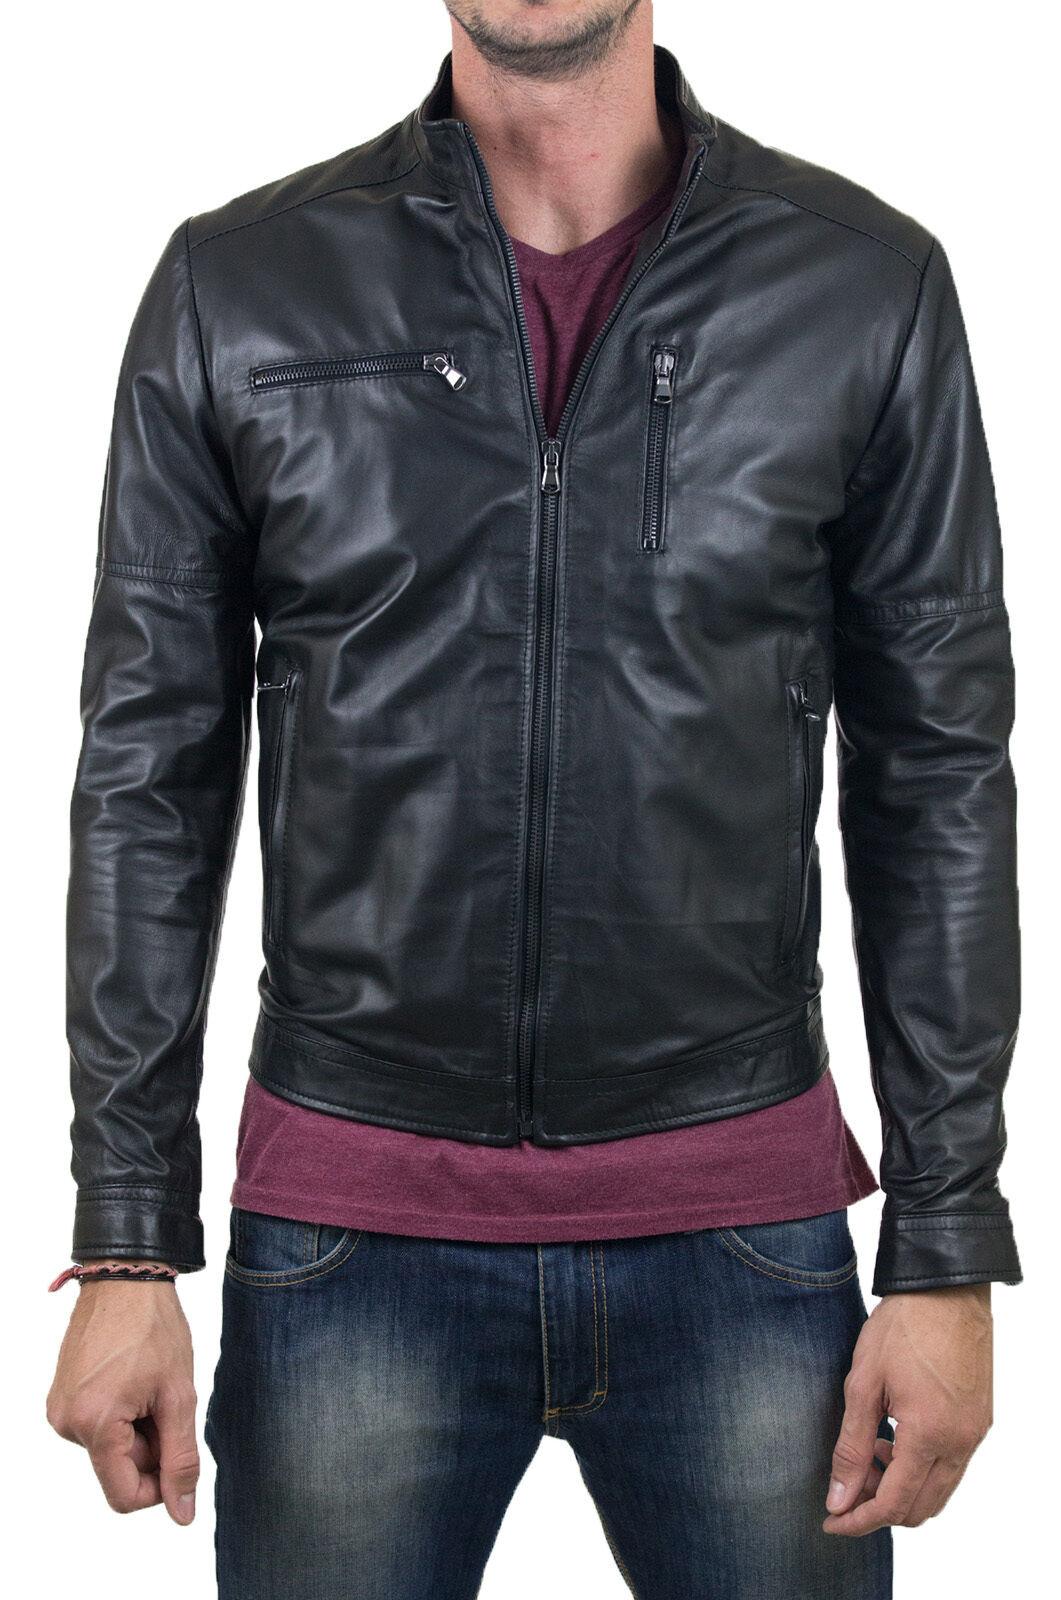 Abrigo de chaqueta de cuero para hombre DE Herren Lederjacke Biker Homme Veste En cuir T22